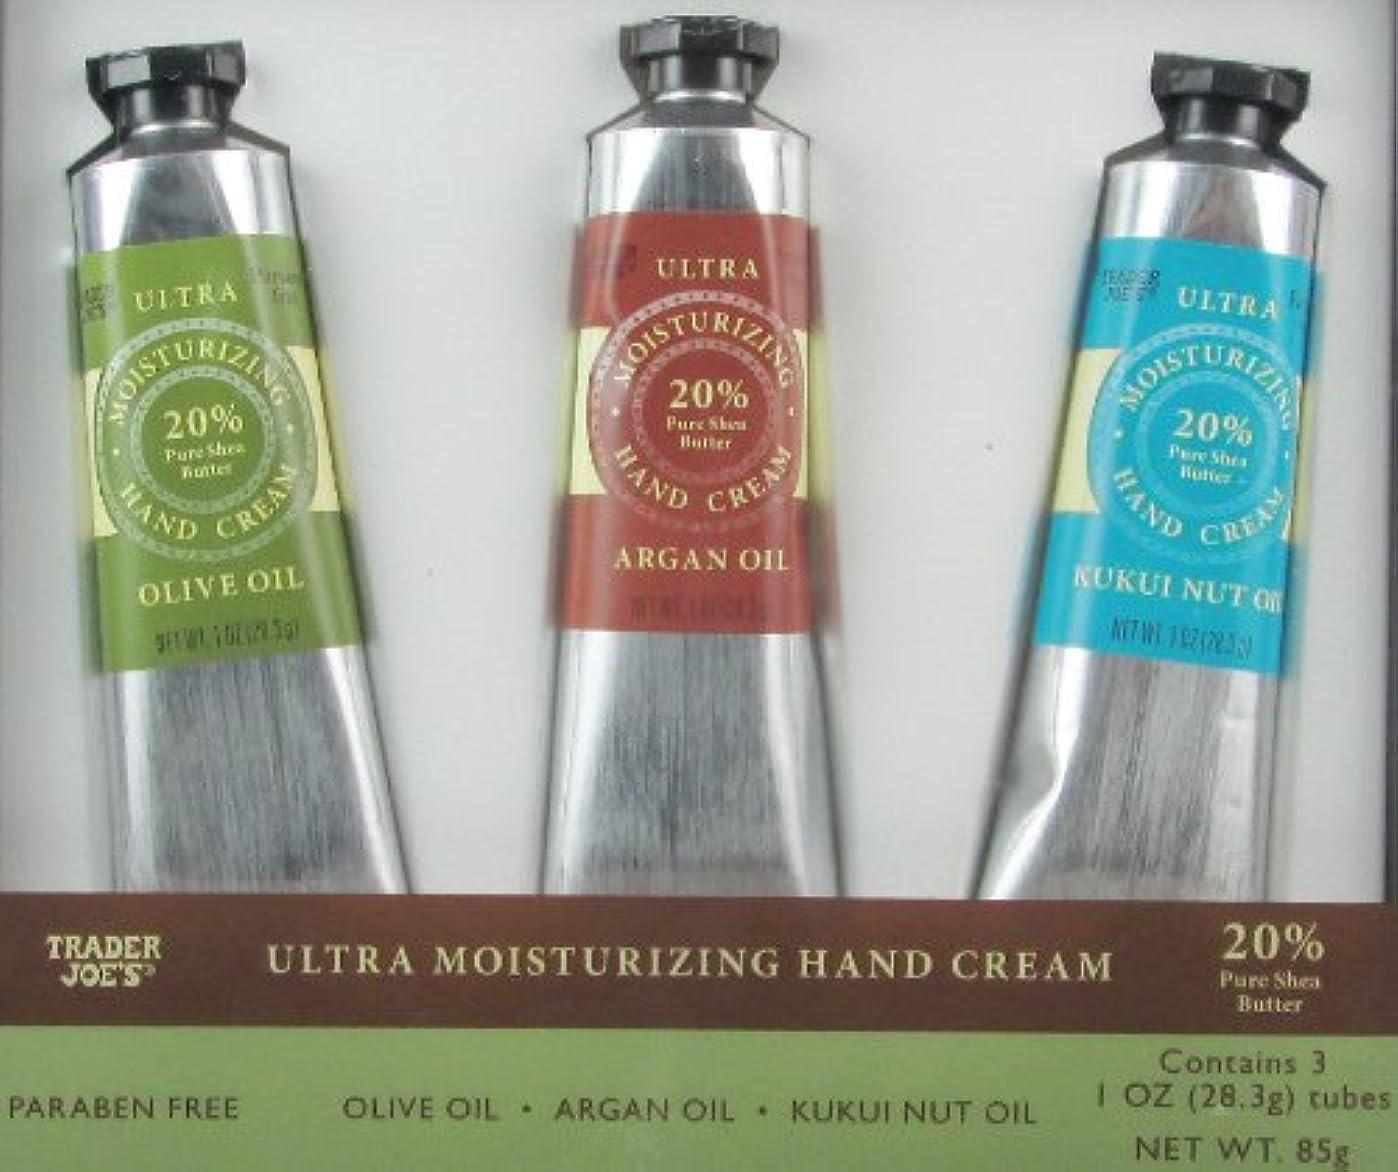 人気であるアピールトレーダージョーズ ウルトラ モイスチャライジング ハンドクリーム 3種類 ギフトセット Trader Joe's Moisturizing Hand Cream Trio Olive Oil, Argan Oil, Kukui...